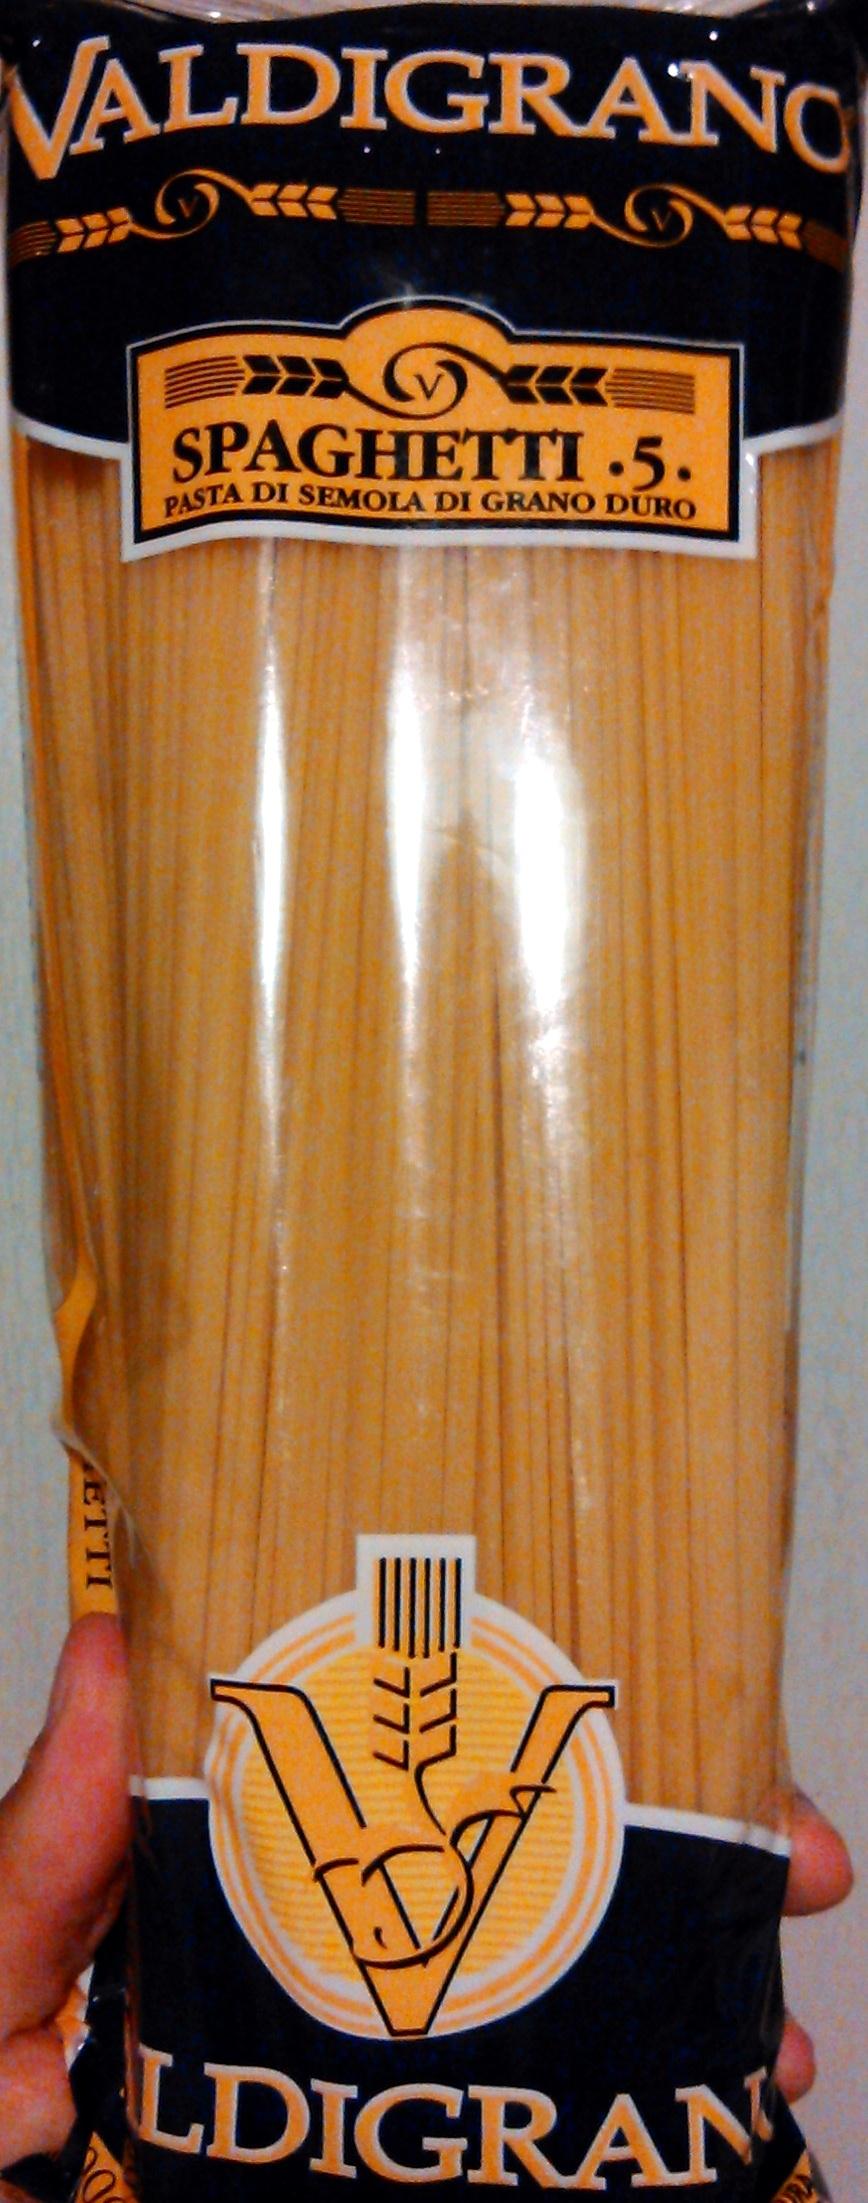 Spaghetti 5 - Product